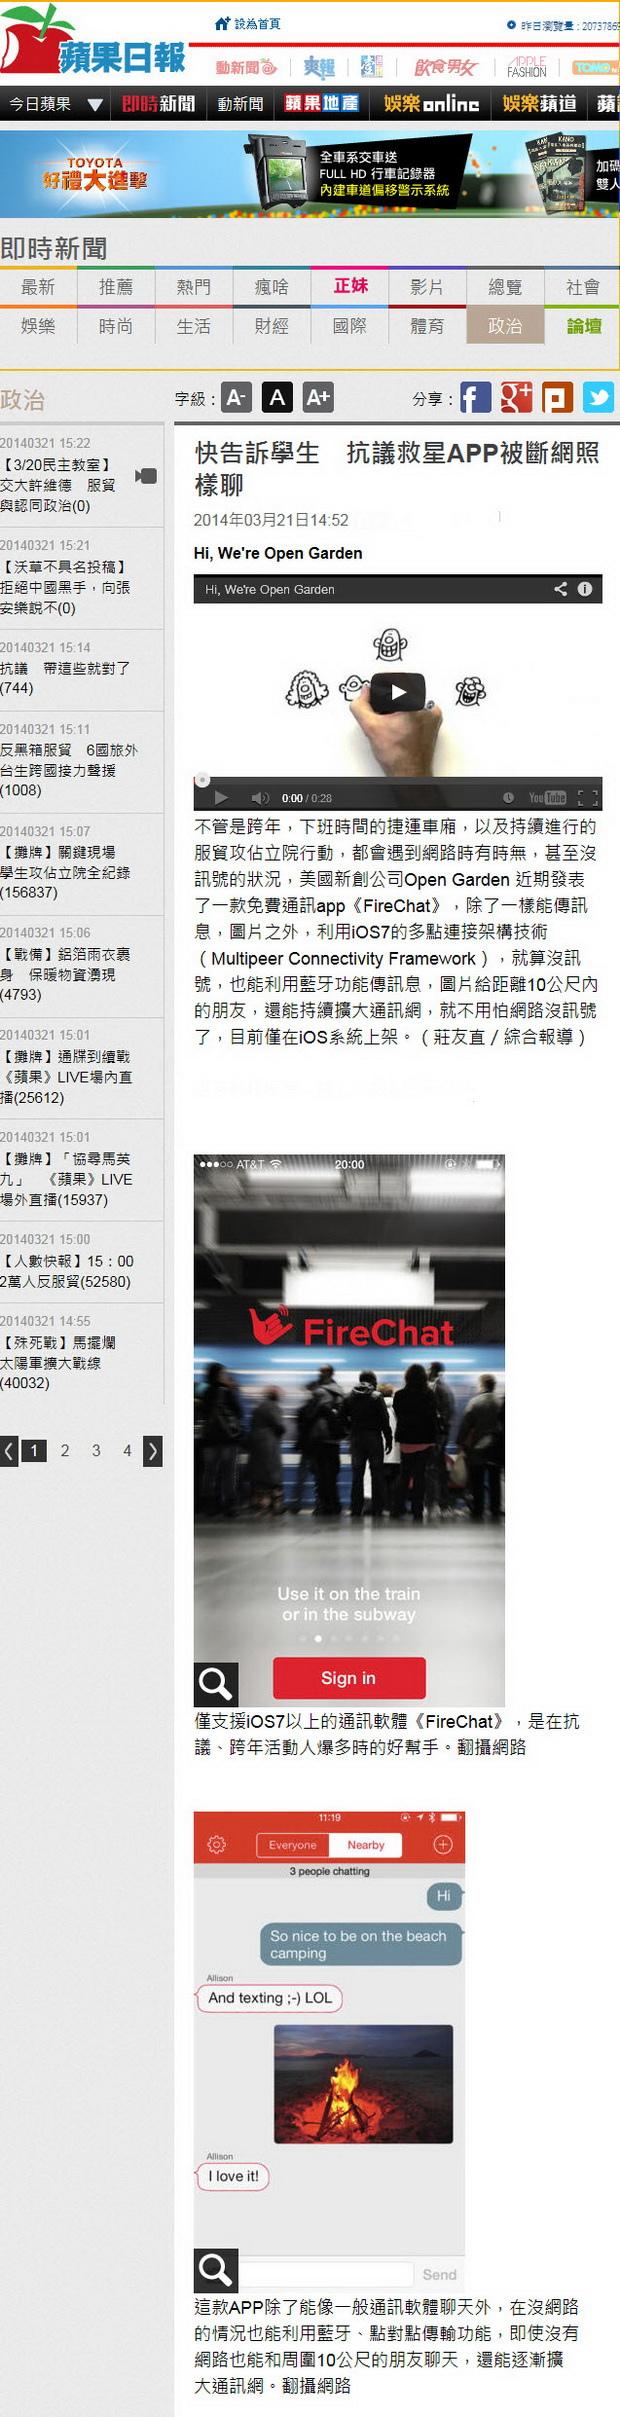 快告訴學生抗議救星APP被斷網照樣聊-2014.03.21.jpg